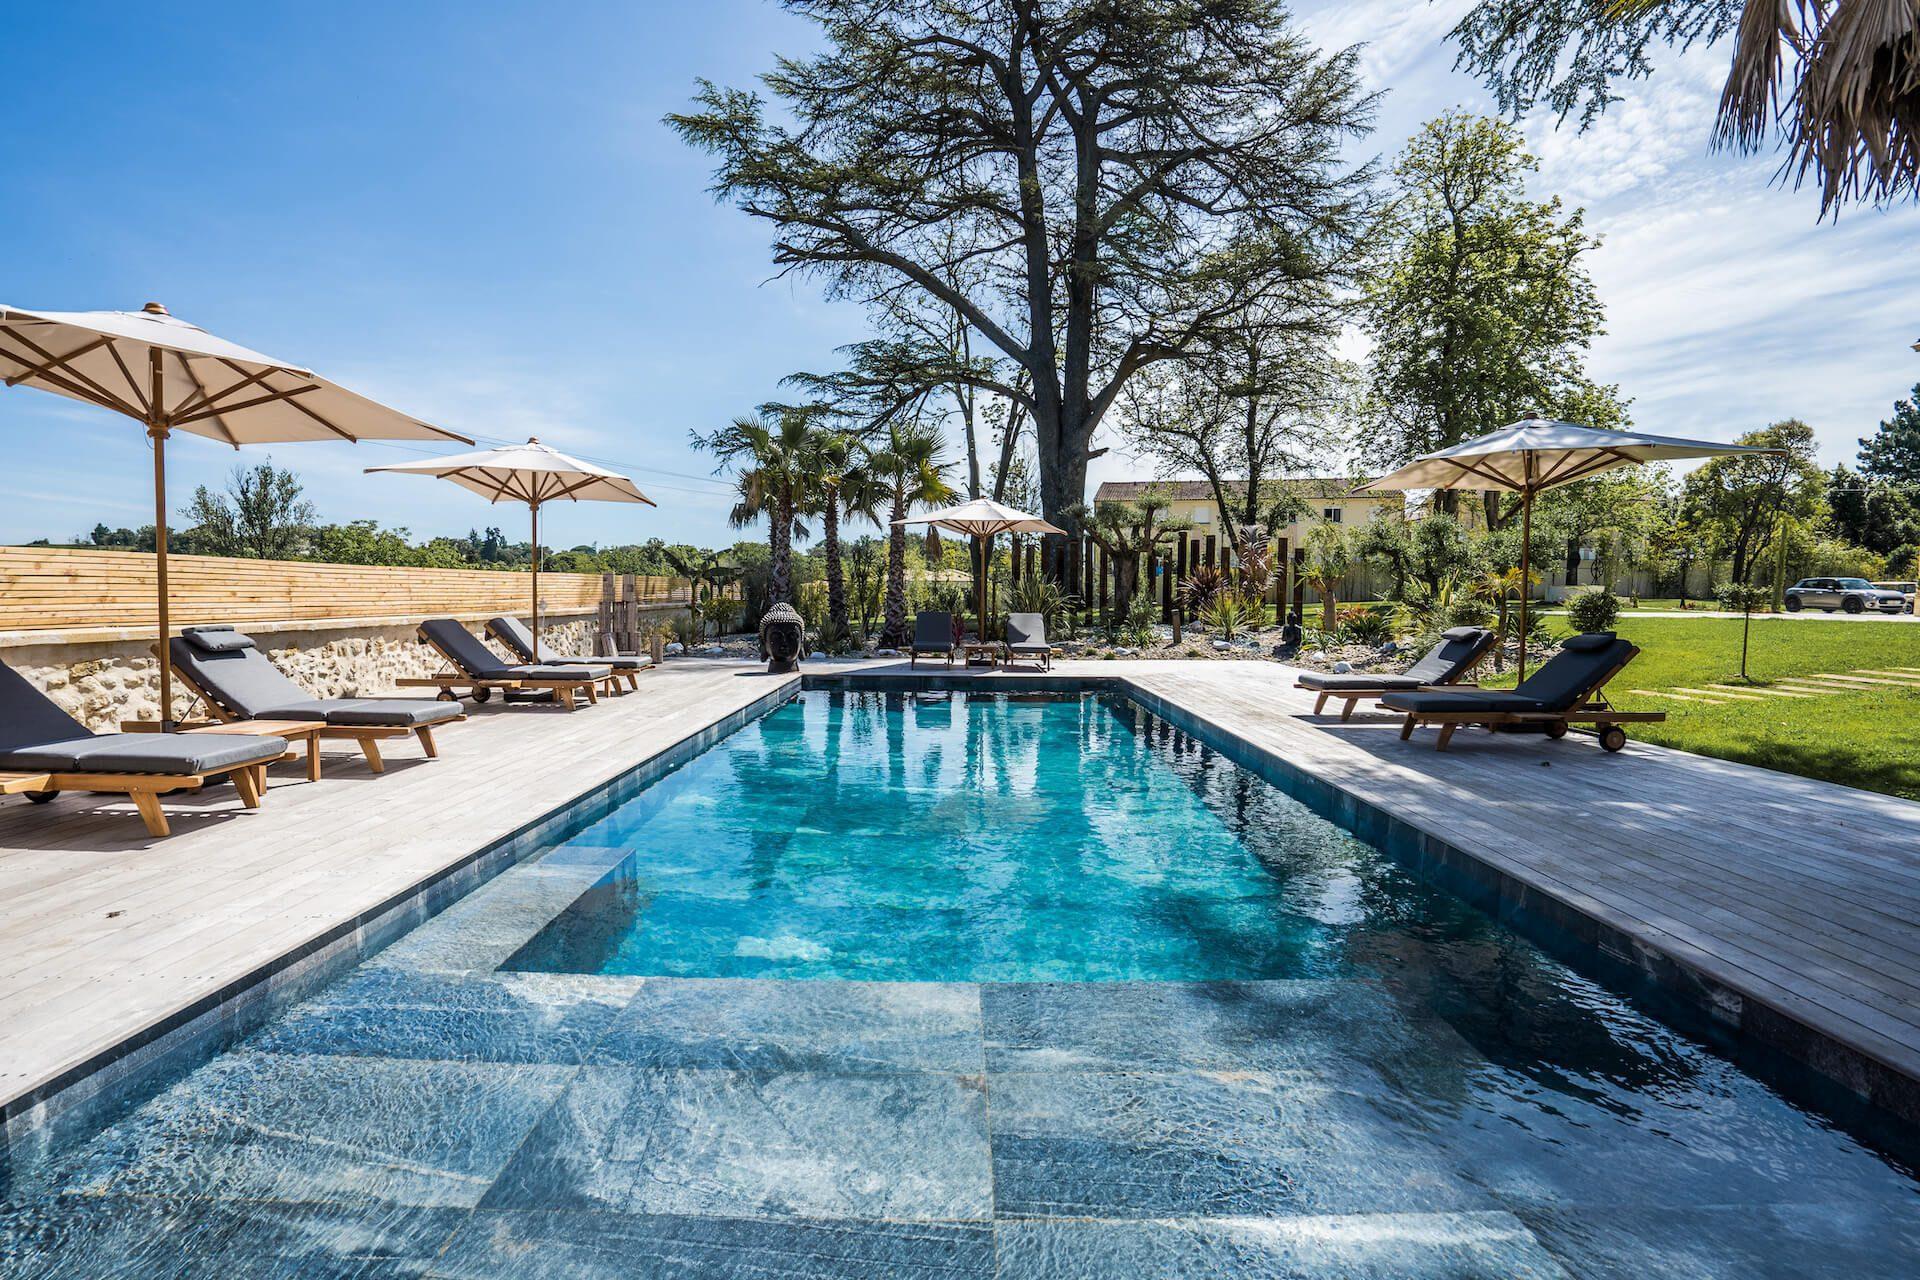 piscine - les propriétaires château grand arnaud chambres d'hôtes réception et séminaires bordeaux